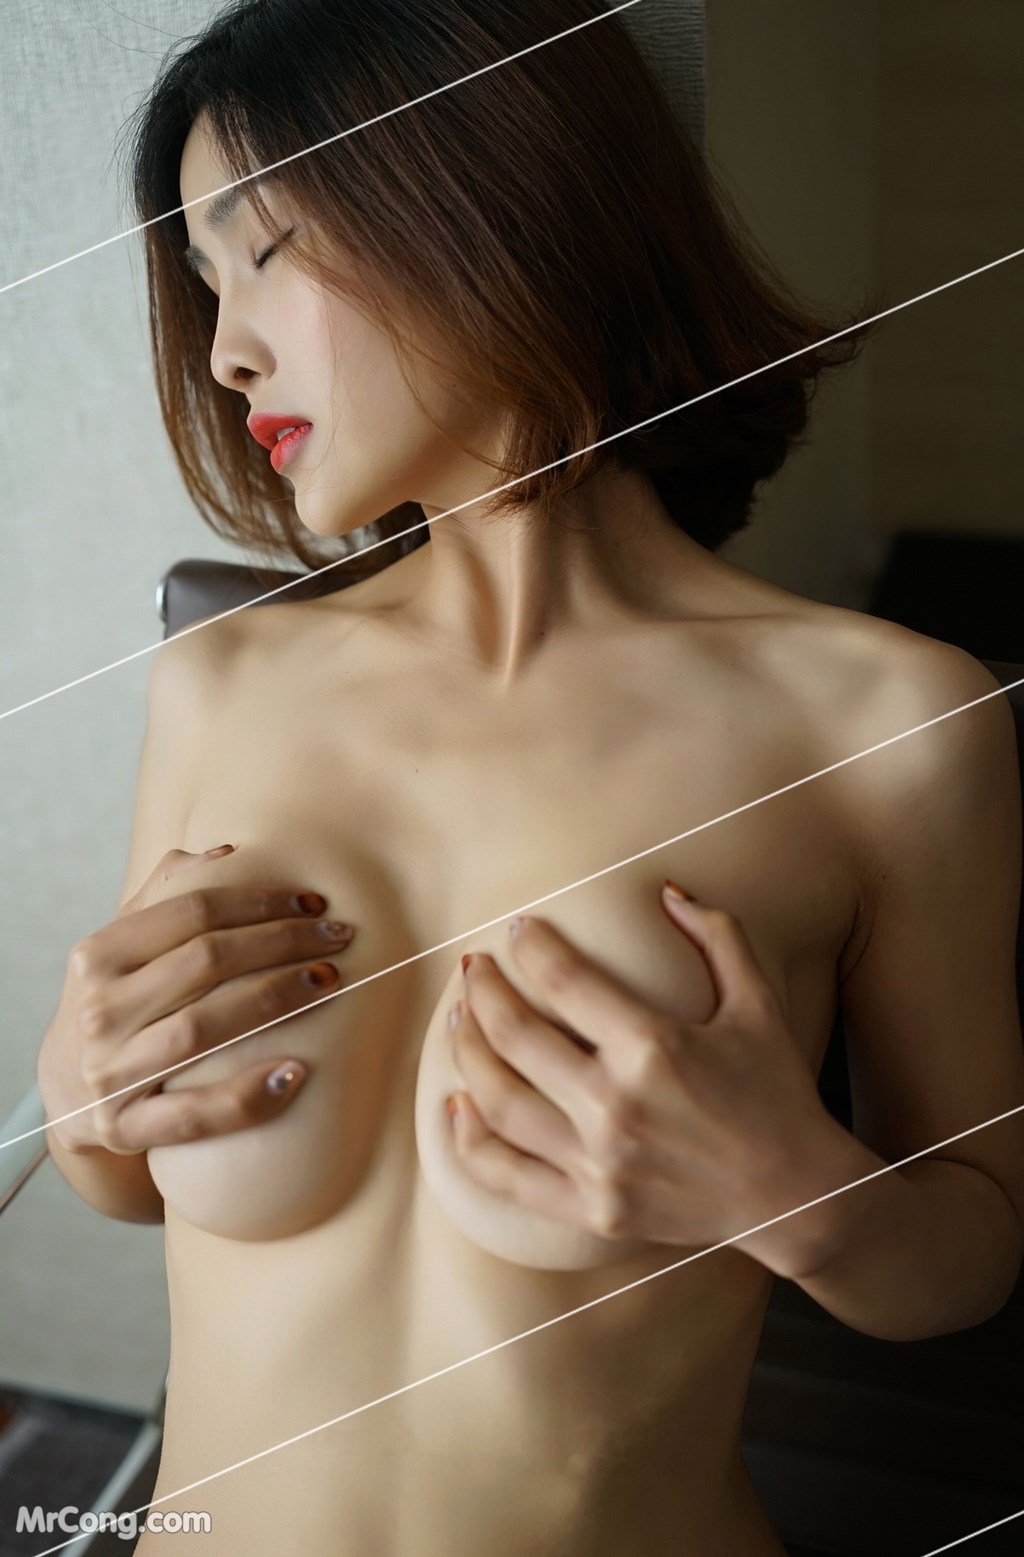 Image Yan-Pan-Pan-Part-3-MrCong.com-043 in post Ngắm vòng một siêu gợi cảm với nội y của người đẹp Yan Pan Pan (闫盼盼) (51 ảnh)